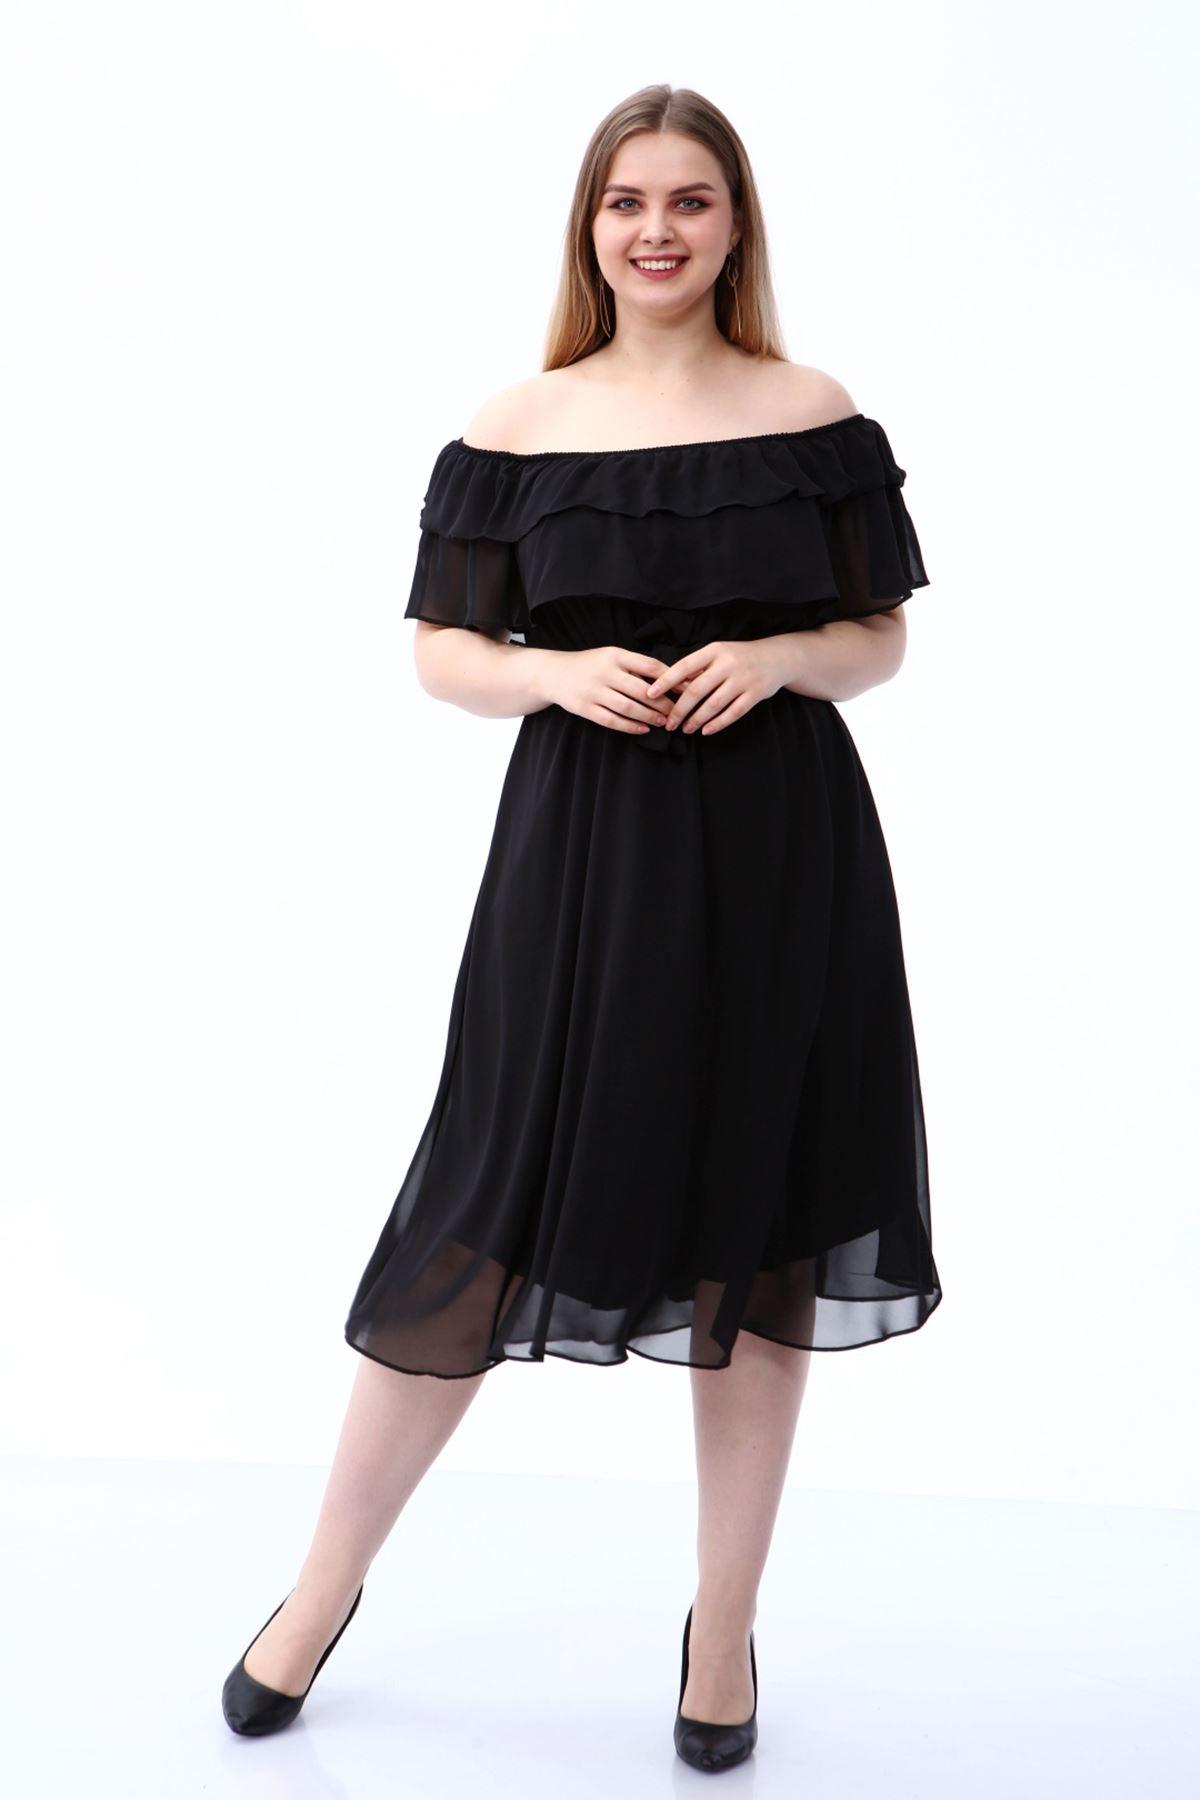 Karmen Yaka Büyük Beden Şifon Elbise 30A-1810